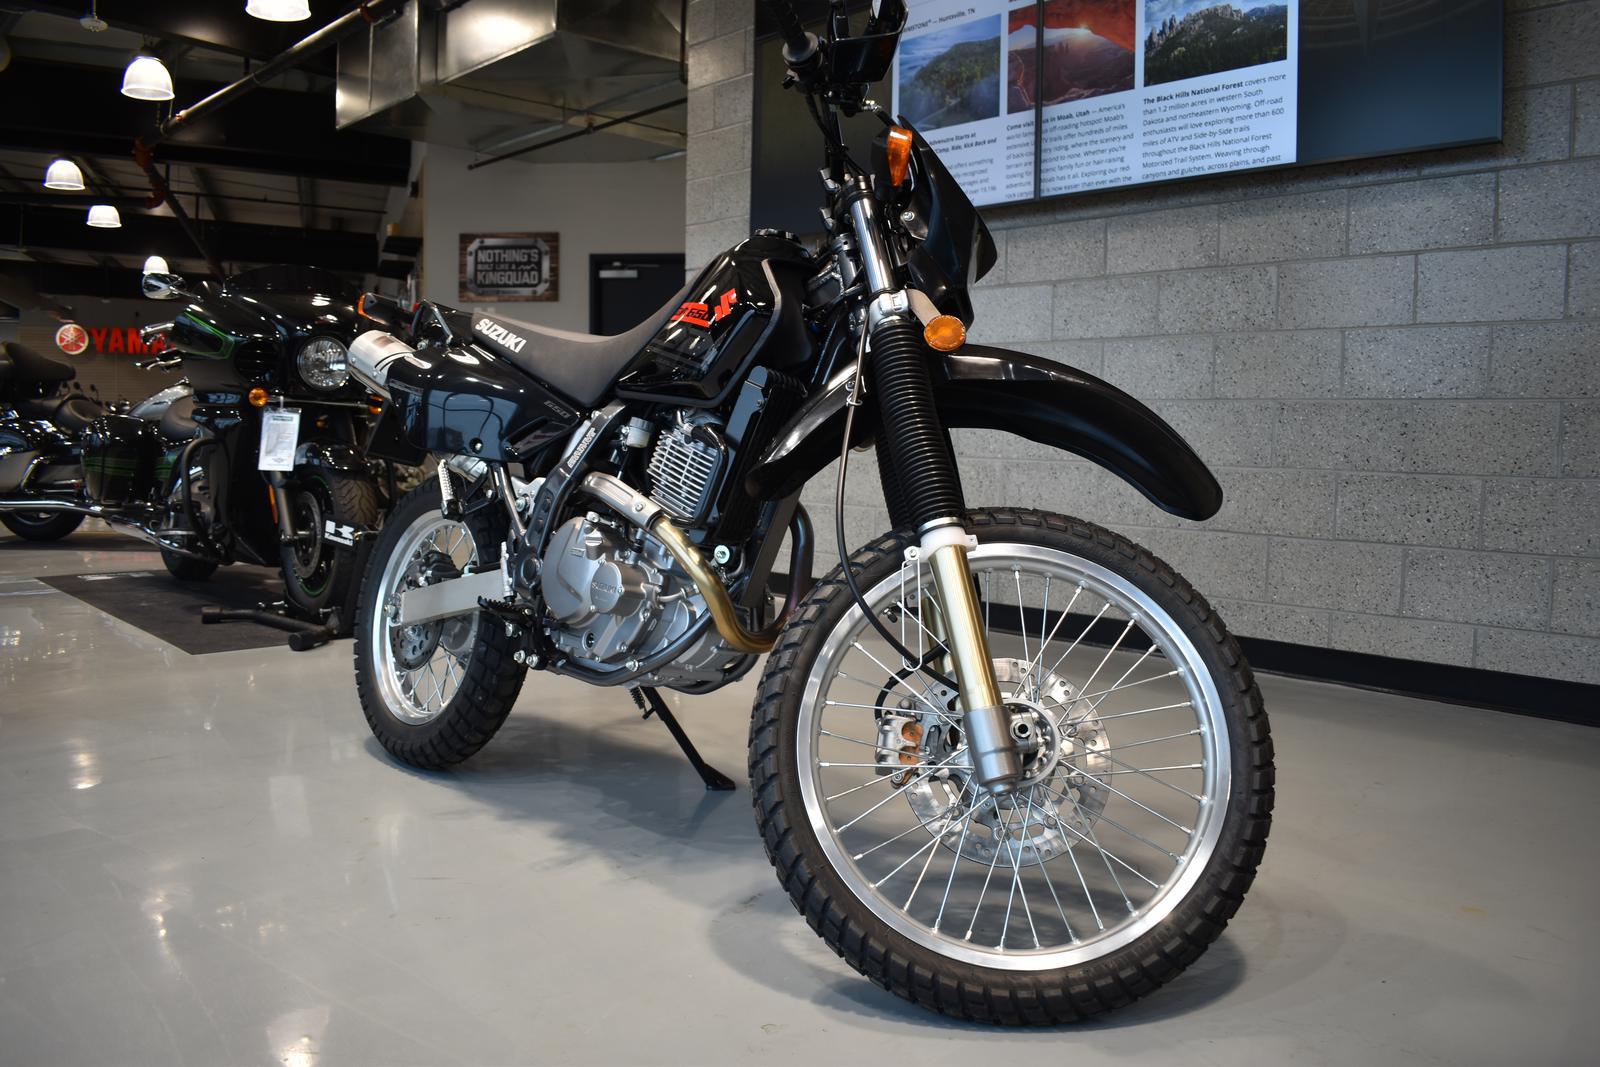 2019 Suzuki DR650